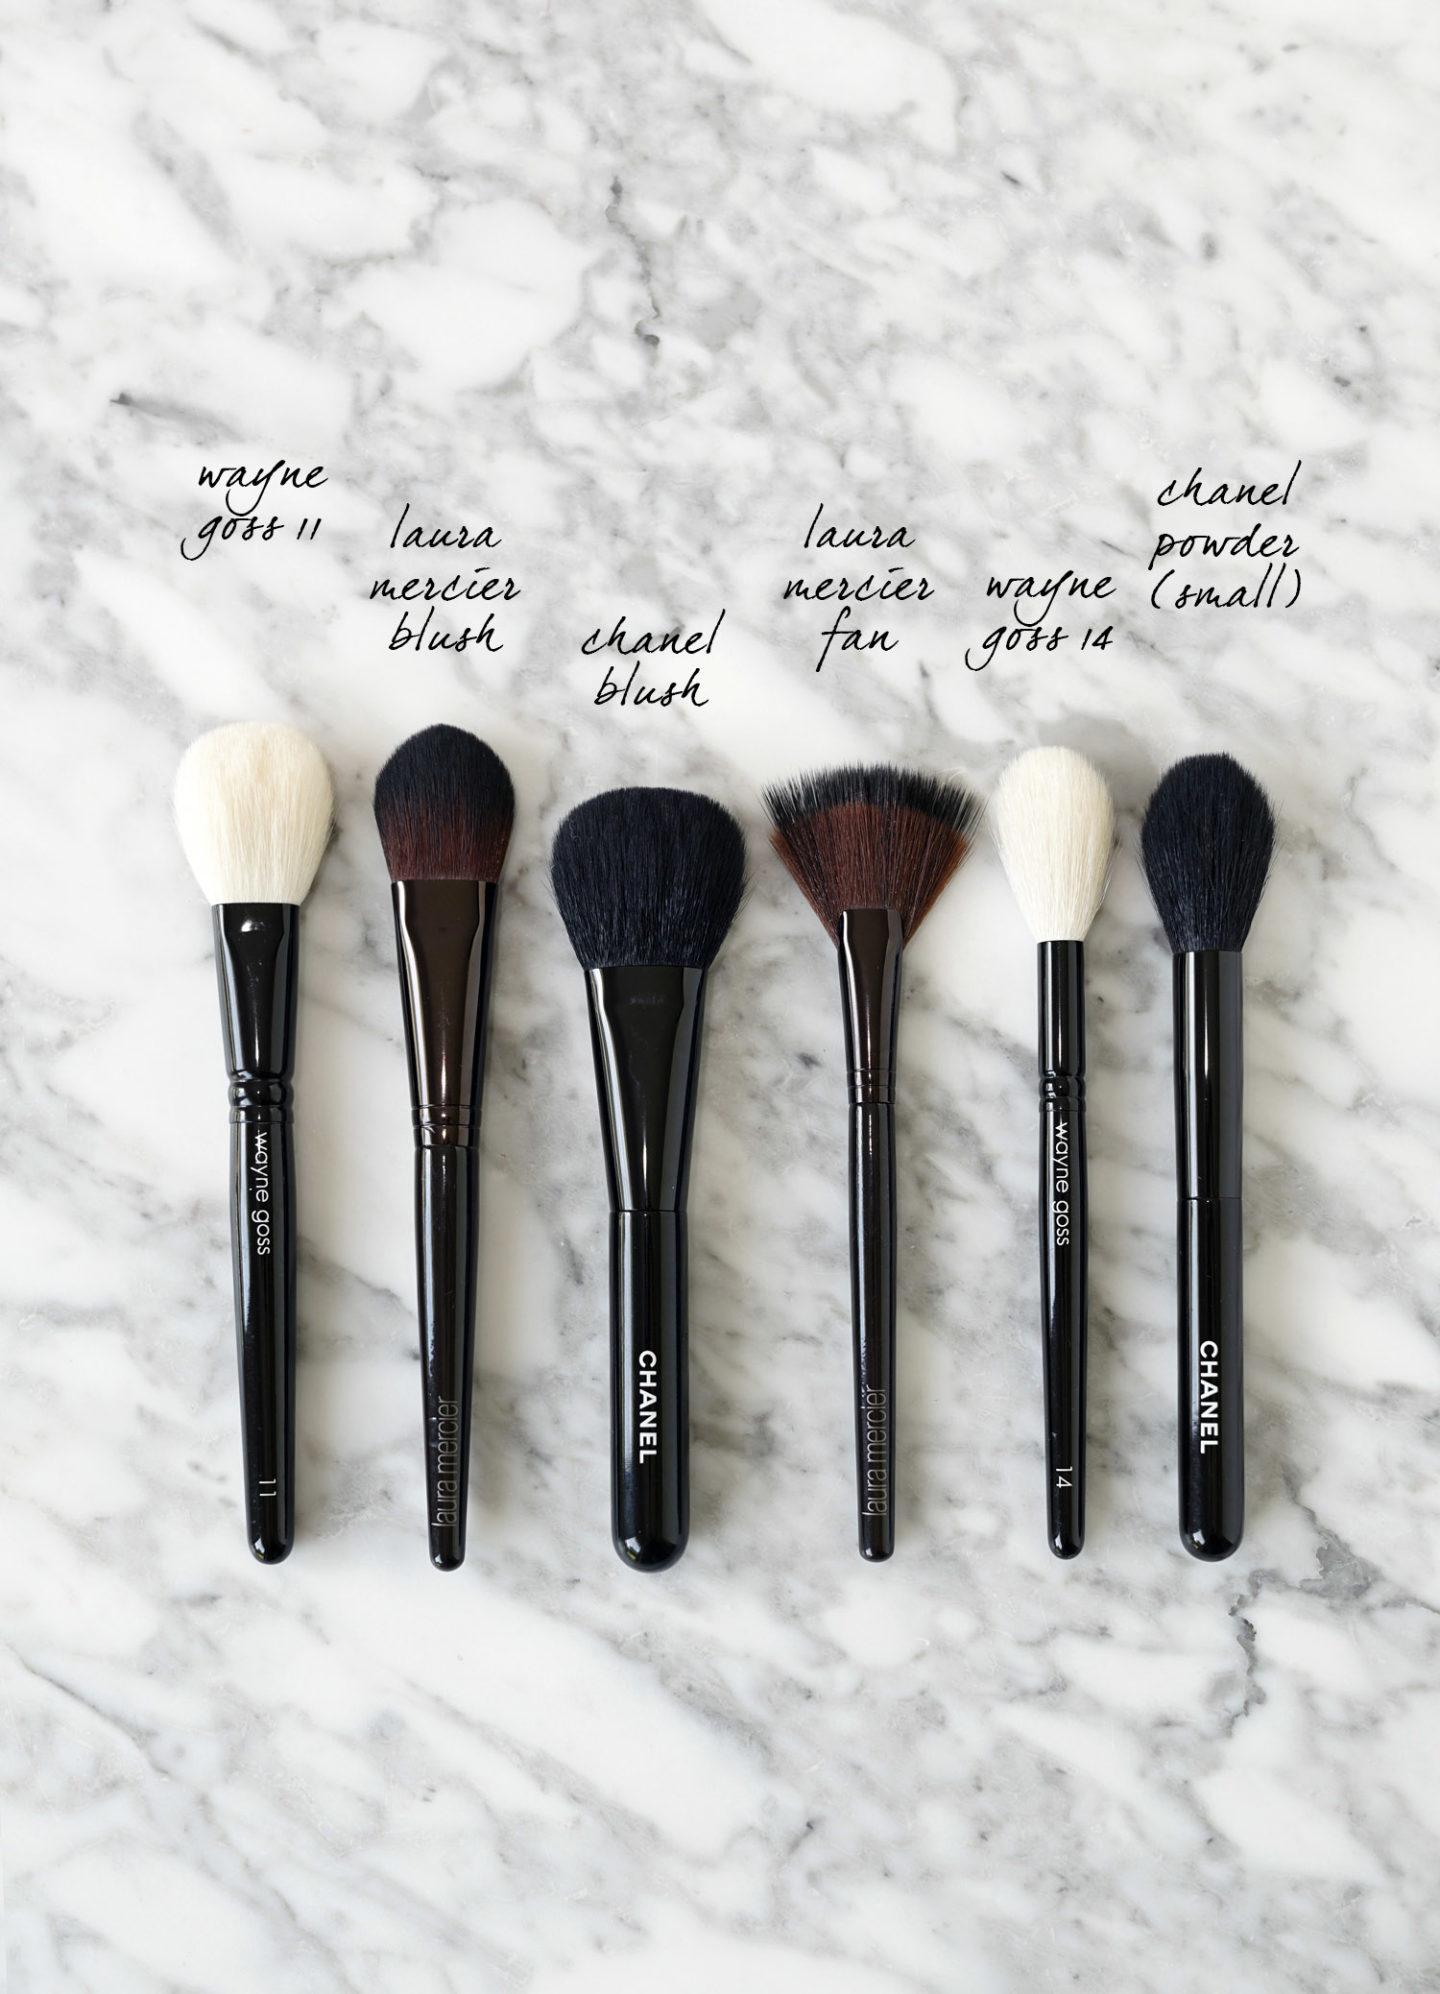 Meilleur blush et mise en évidence des pinceaux de maquillage